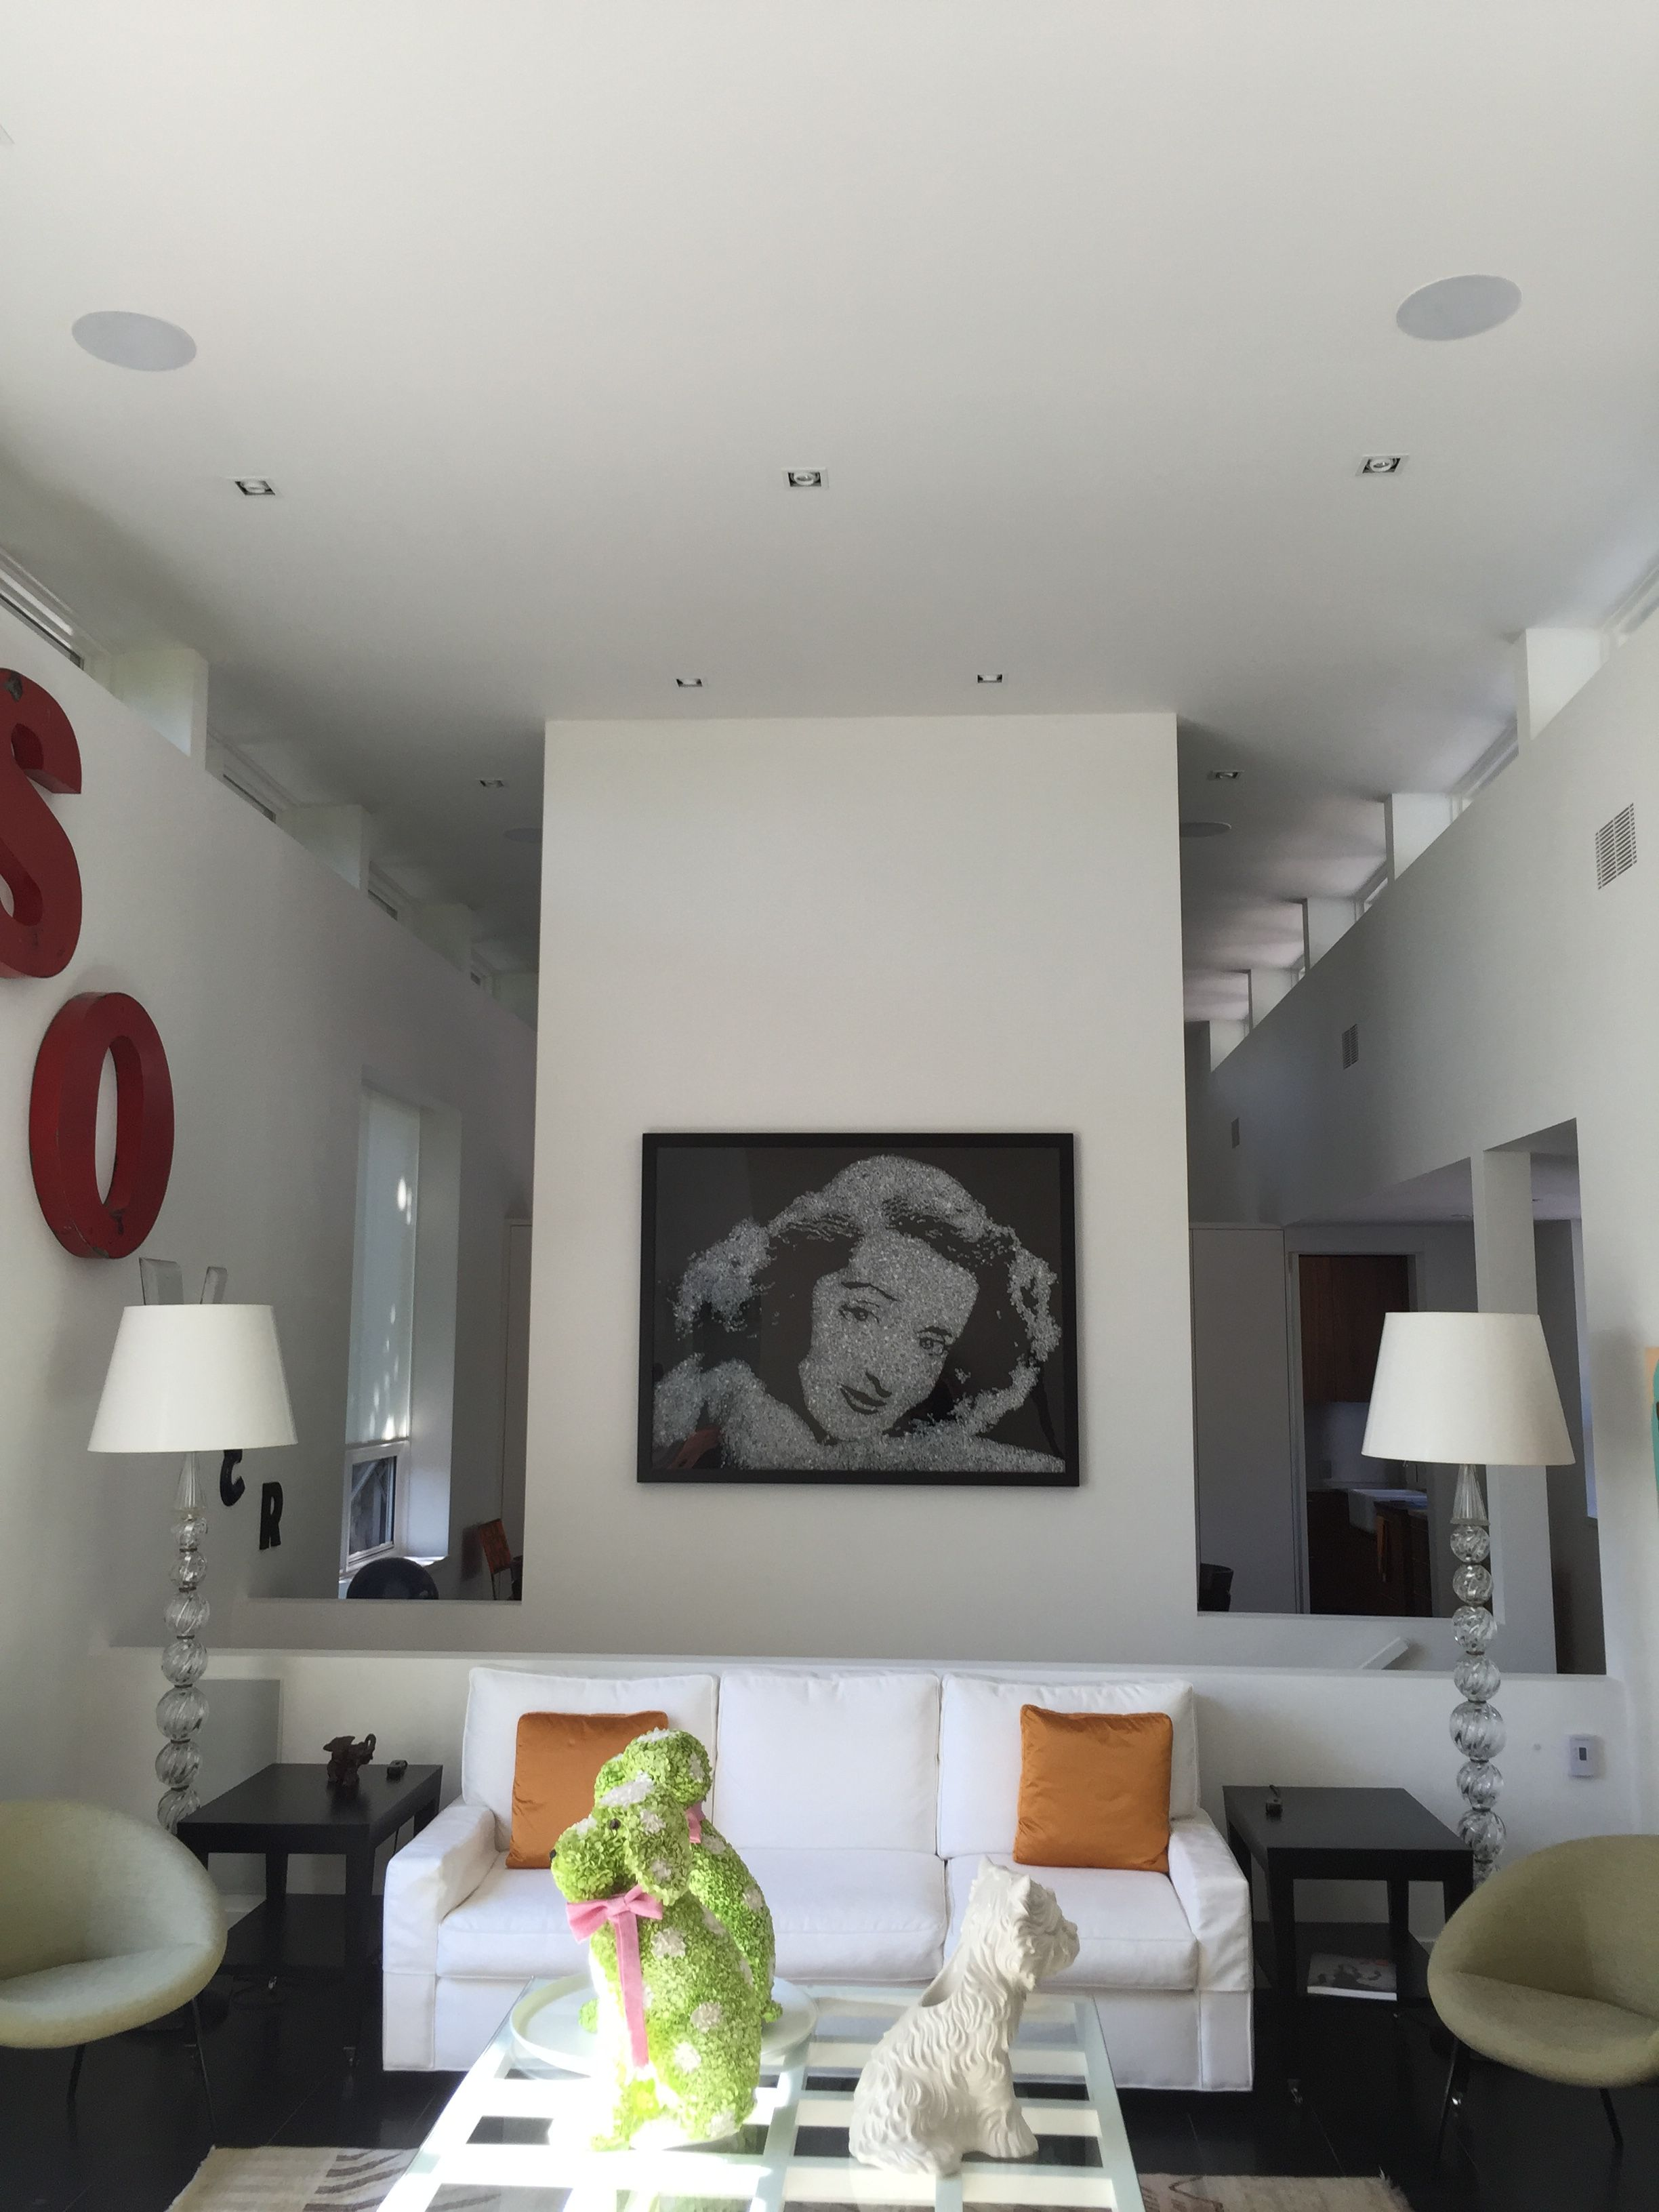 Miraculous Pin On Cloud 9 Av Residential Portfolio C9Av Home Interior And Landscaping Ologienasavecom